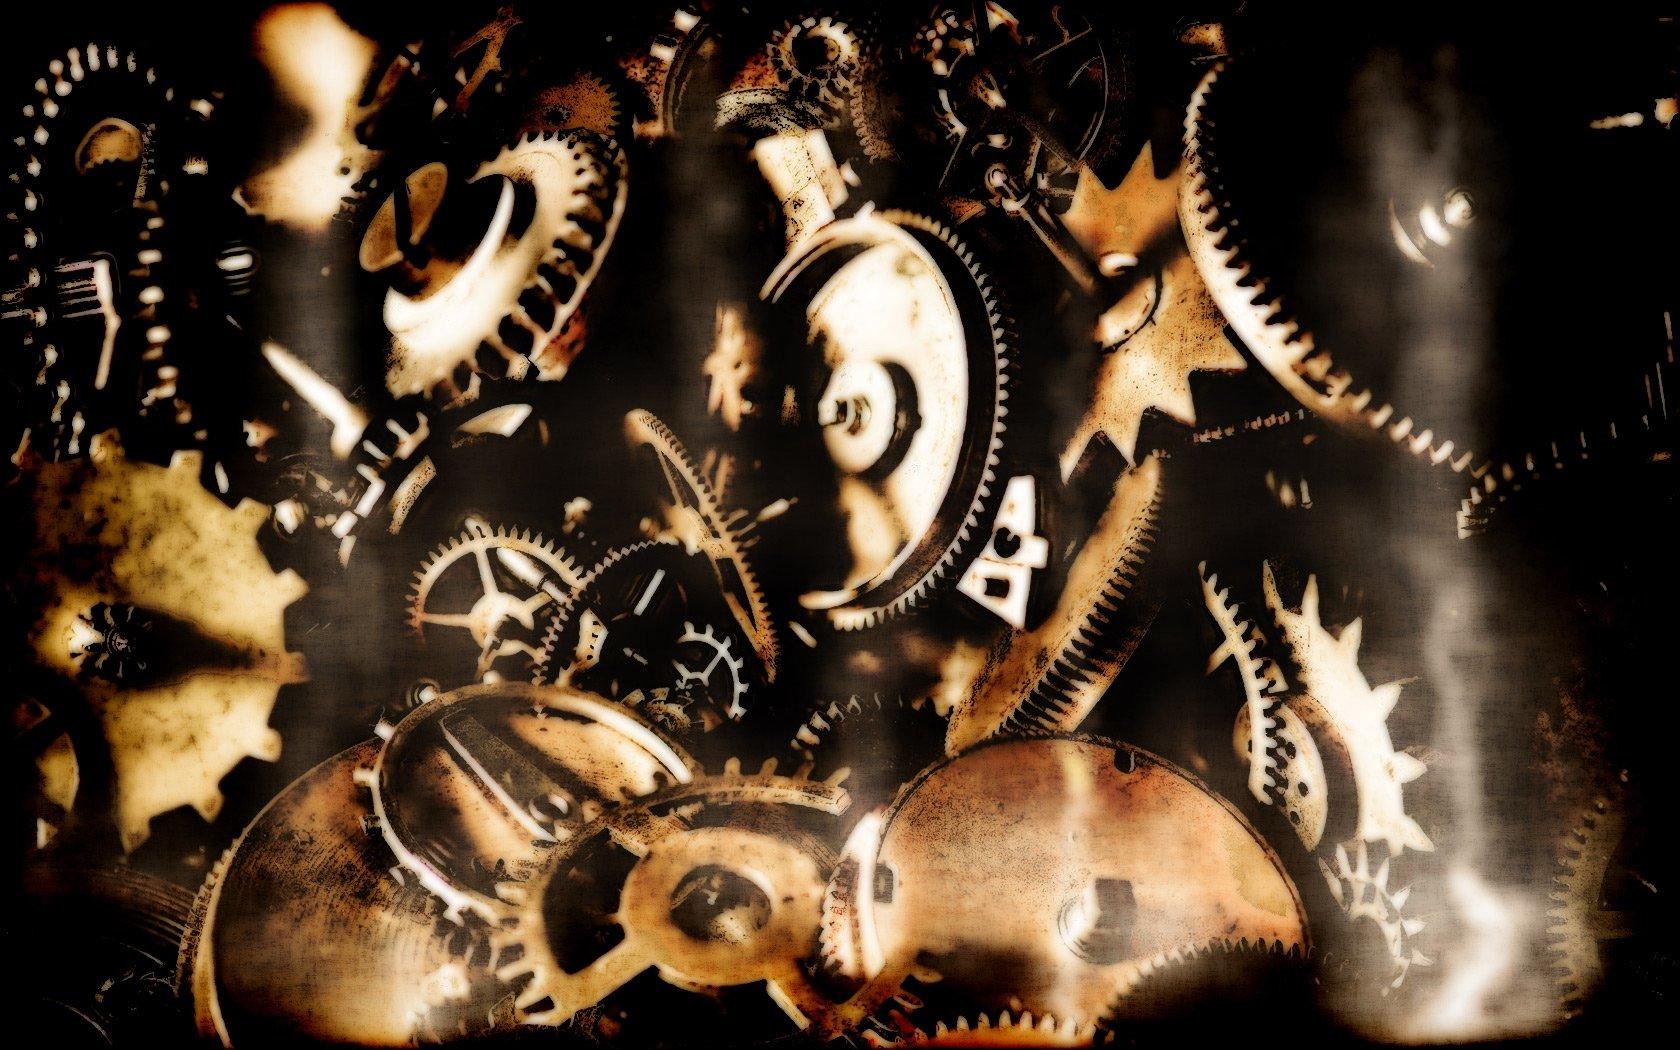 Steampunk mechanical gears cogs wallpaper 1680x1050 62240 1680x1050